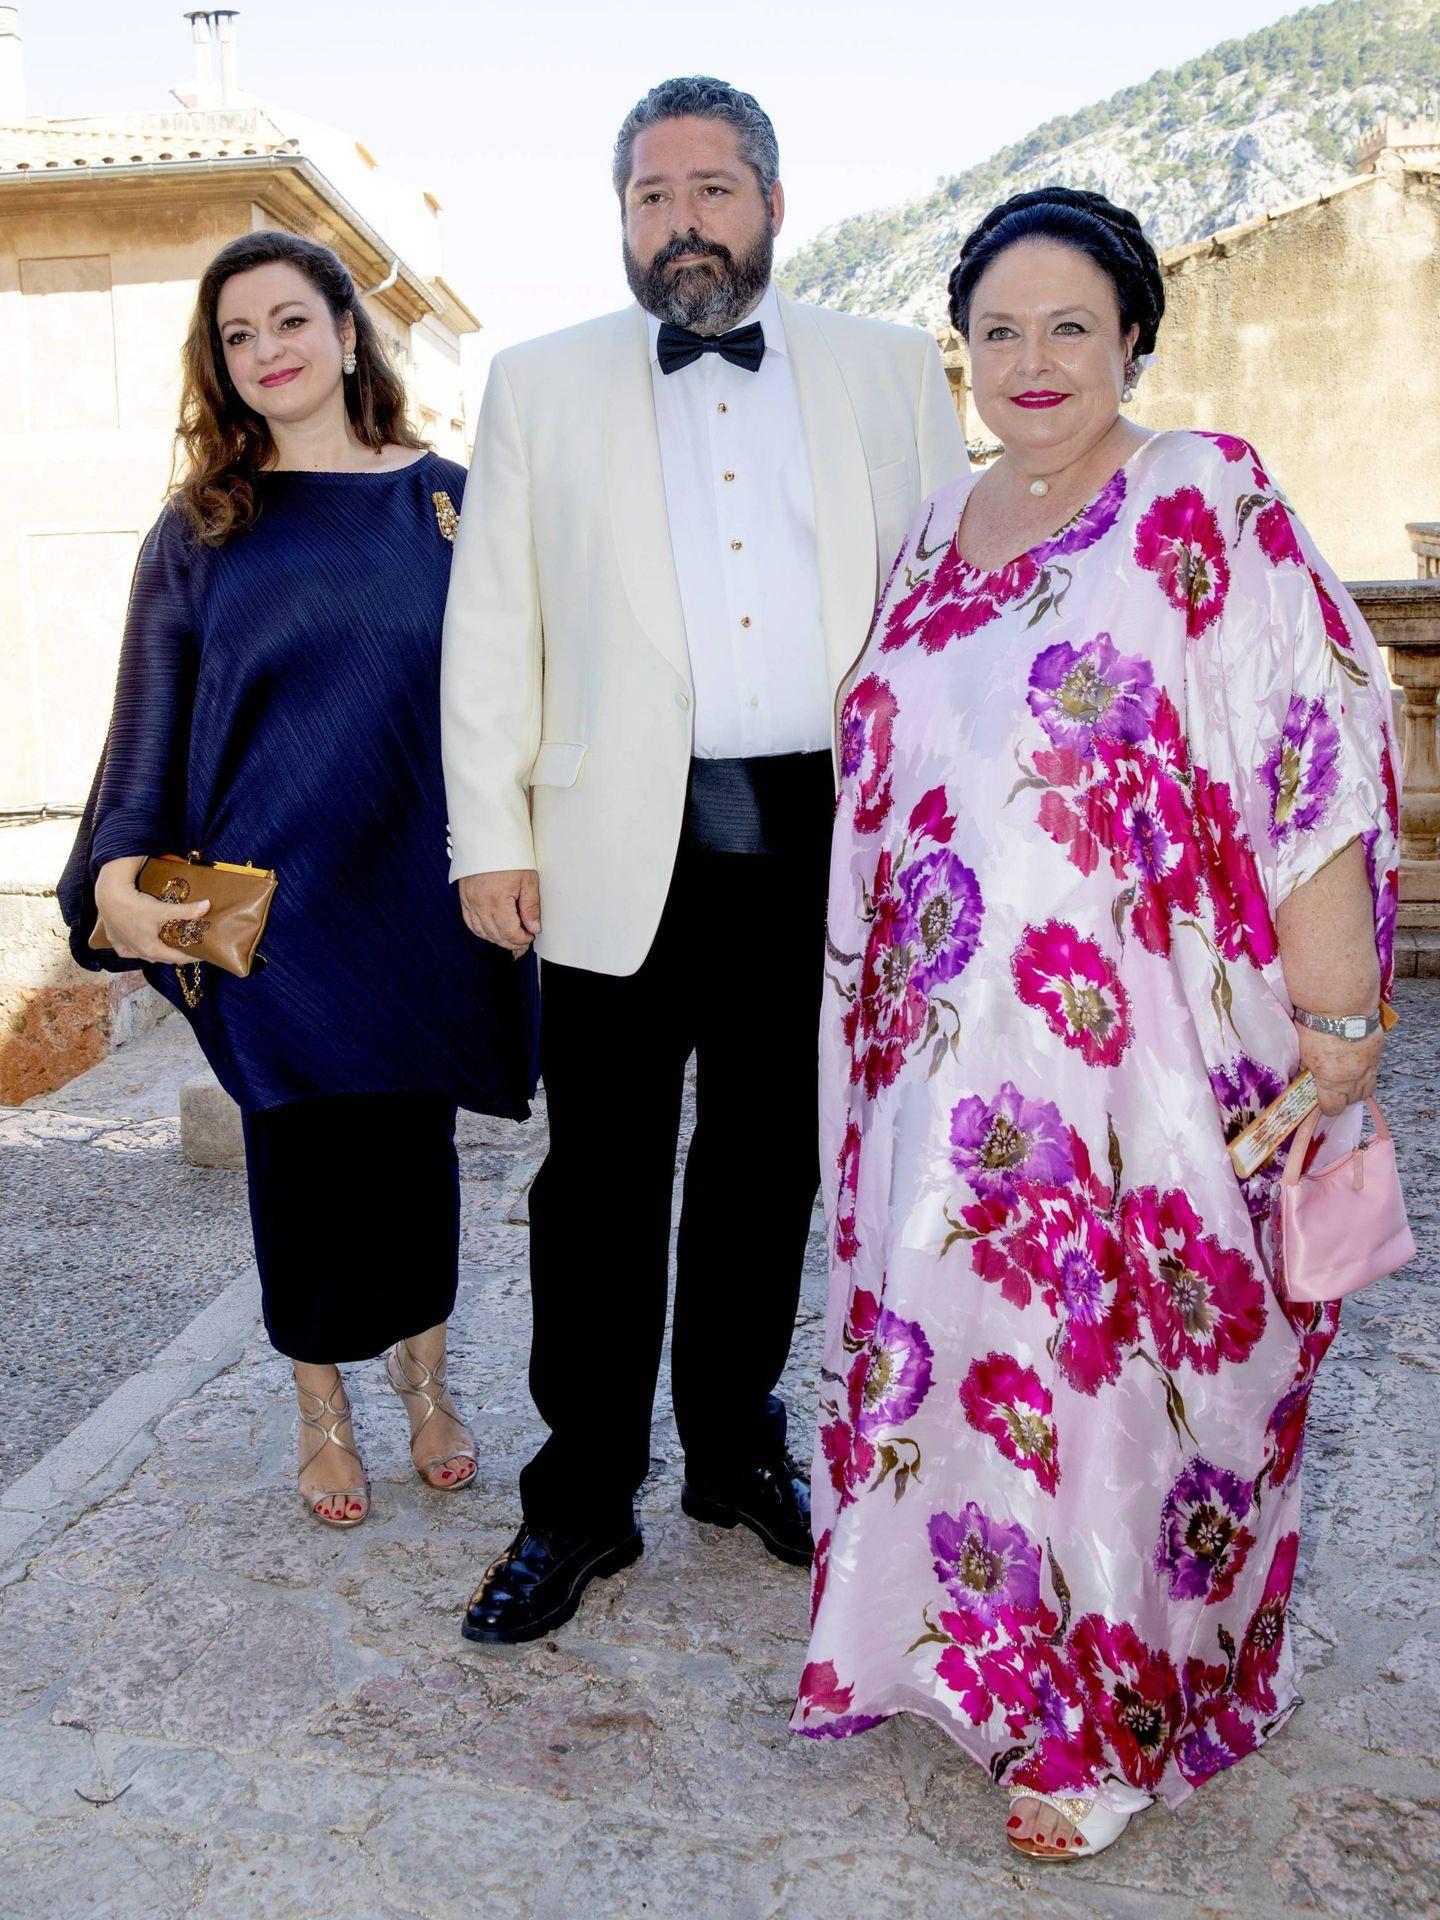 María de Rusia, con su hijo y su nuera, en una boda en Mallorca en 2019. (Cordon Press)